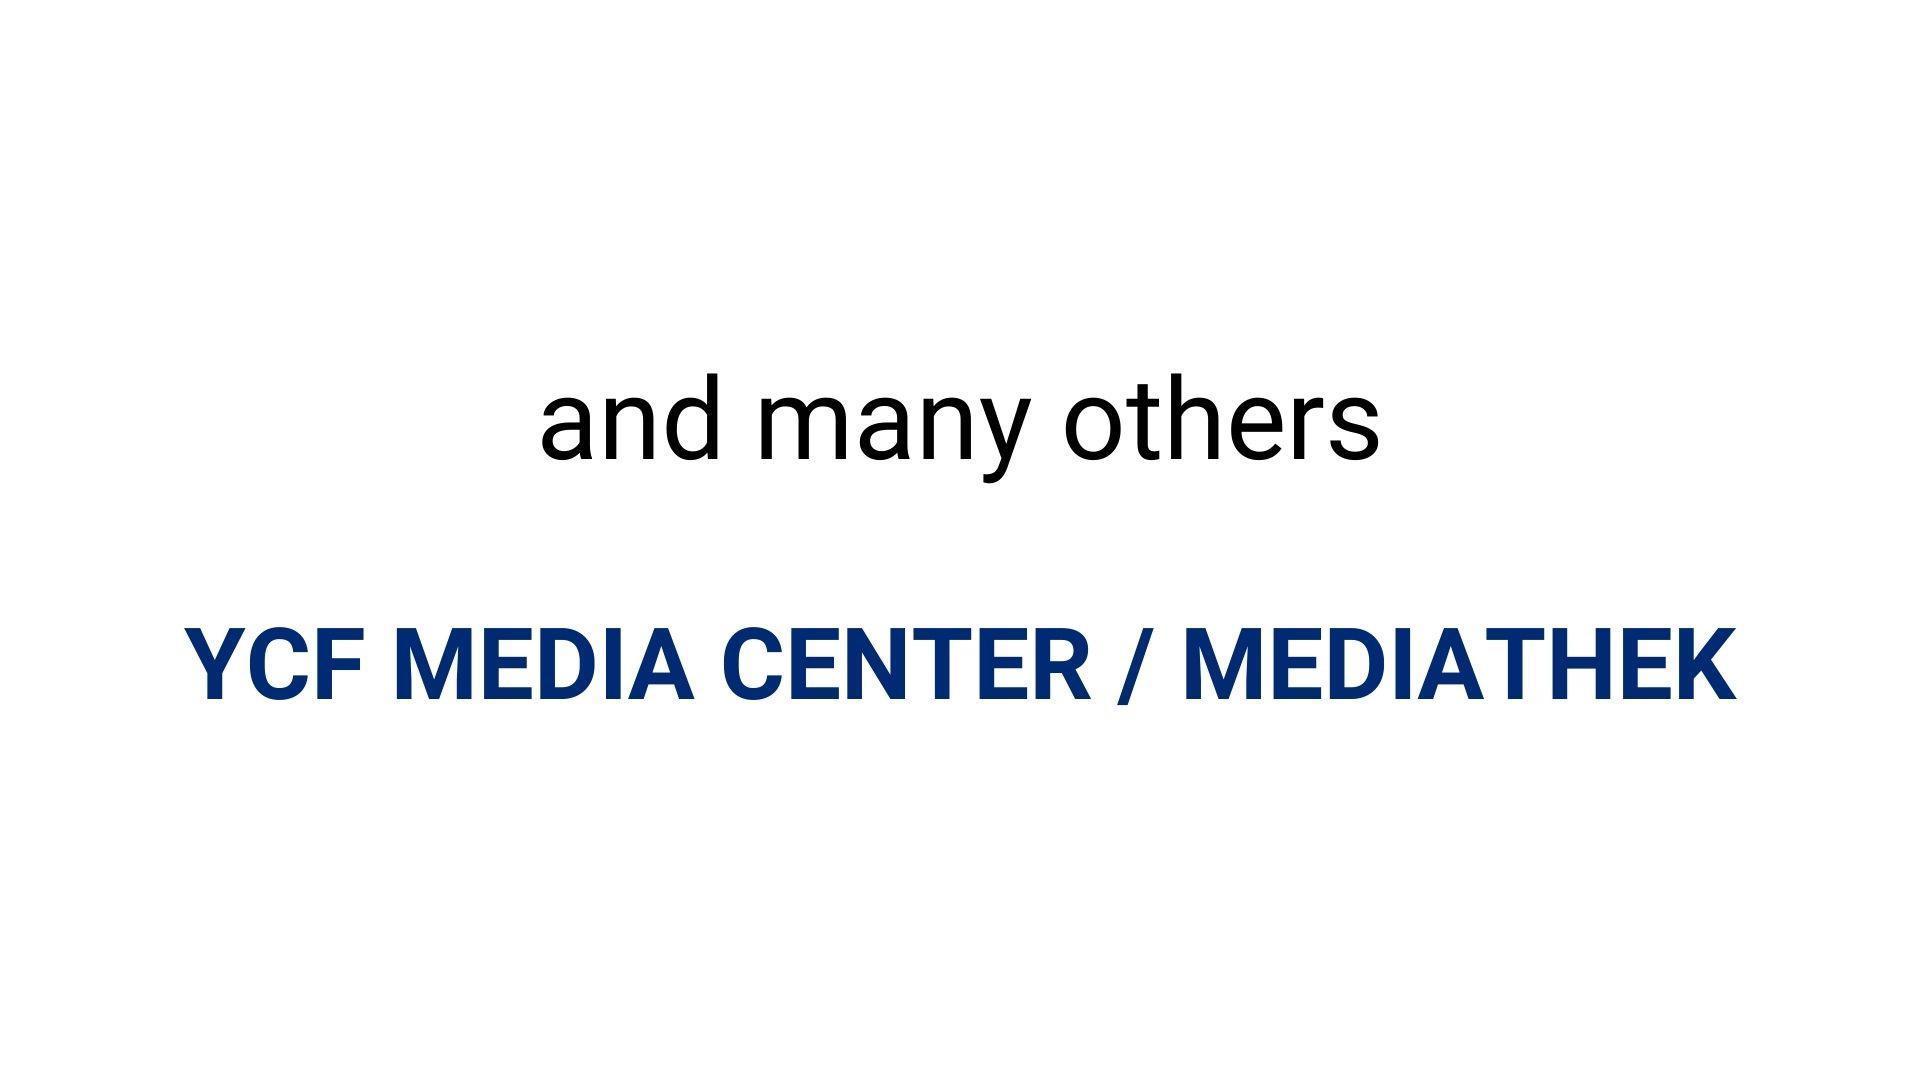 YCF Selbstverteidigung Online und Offline